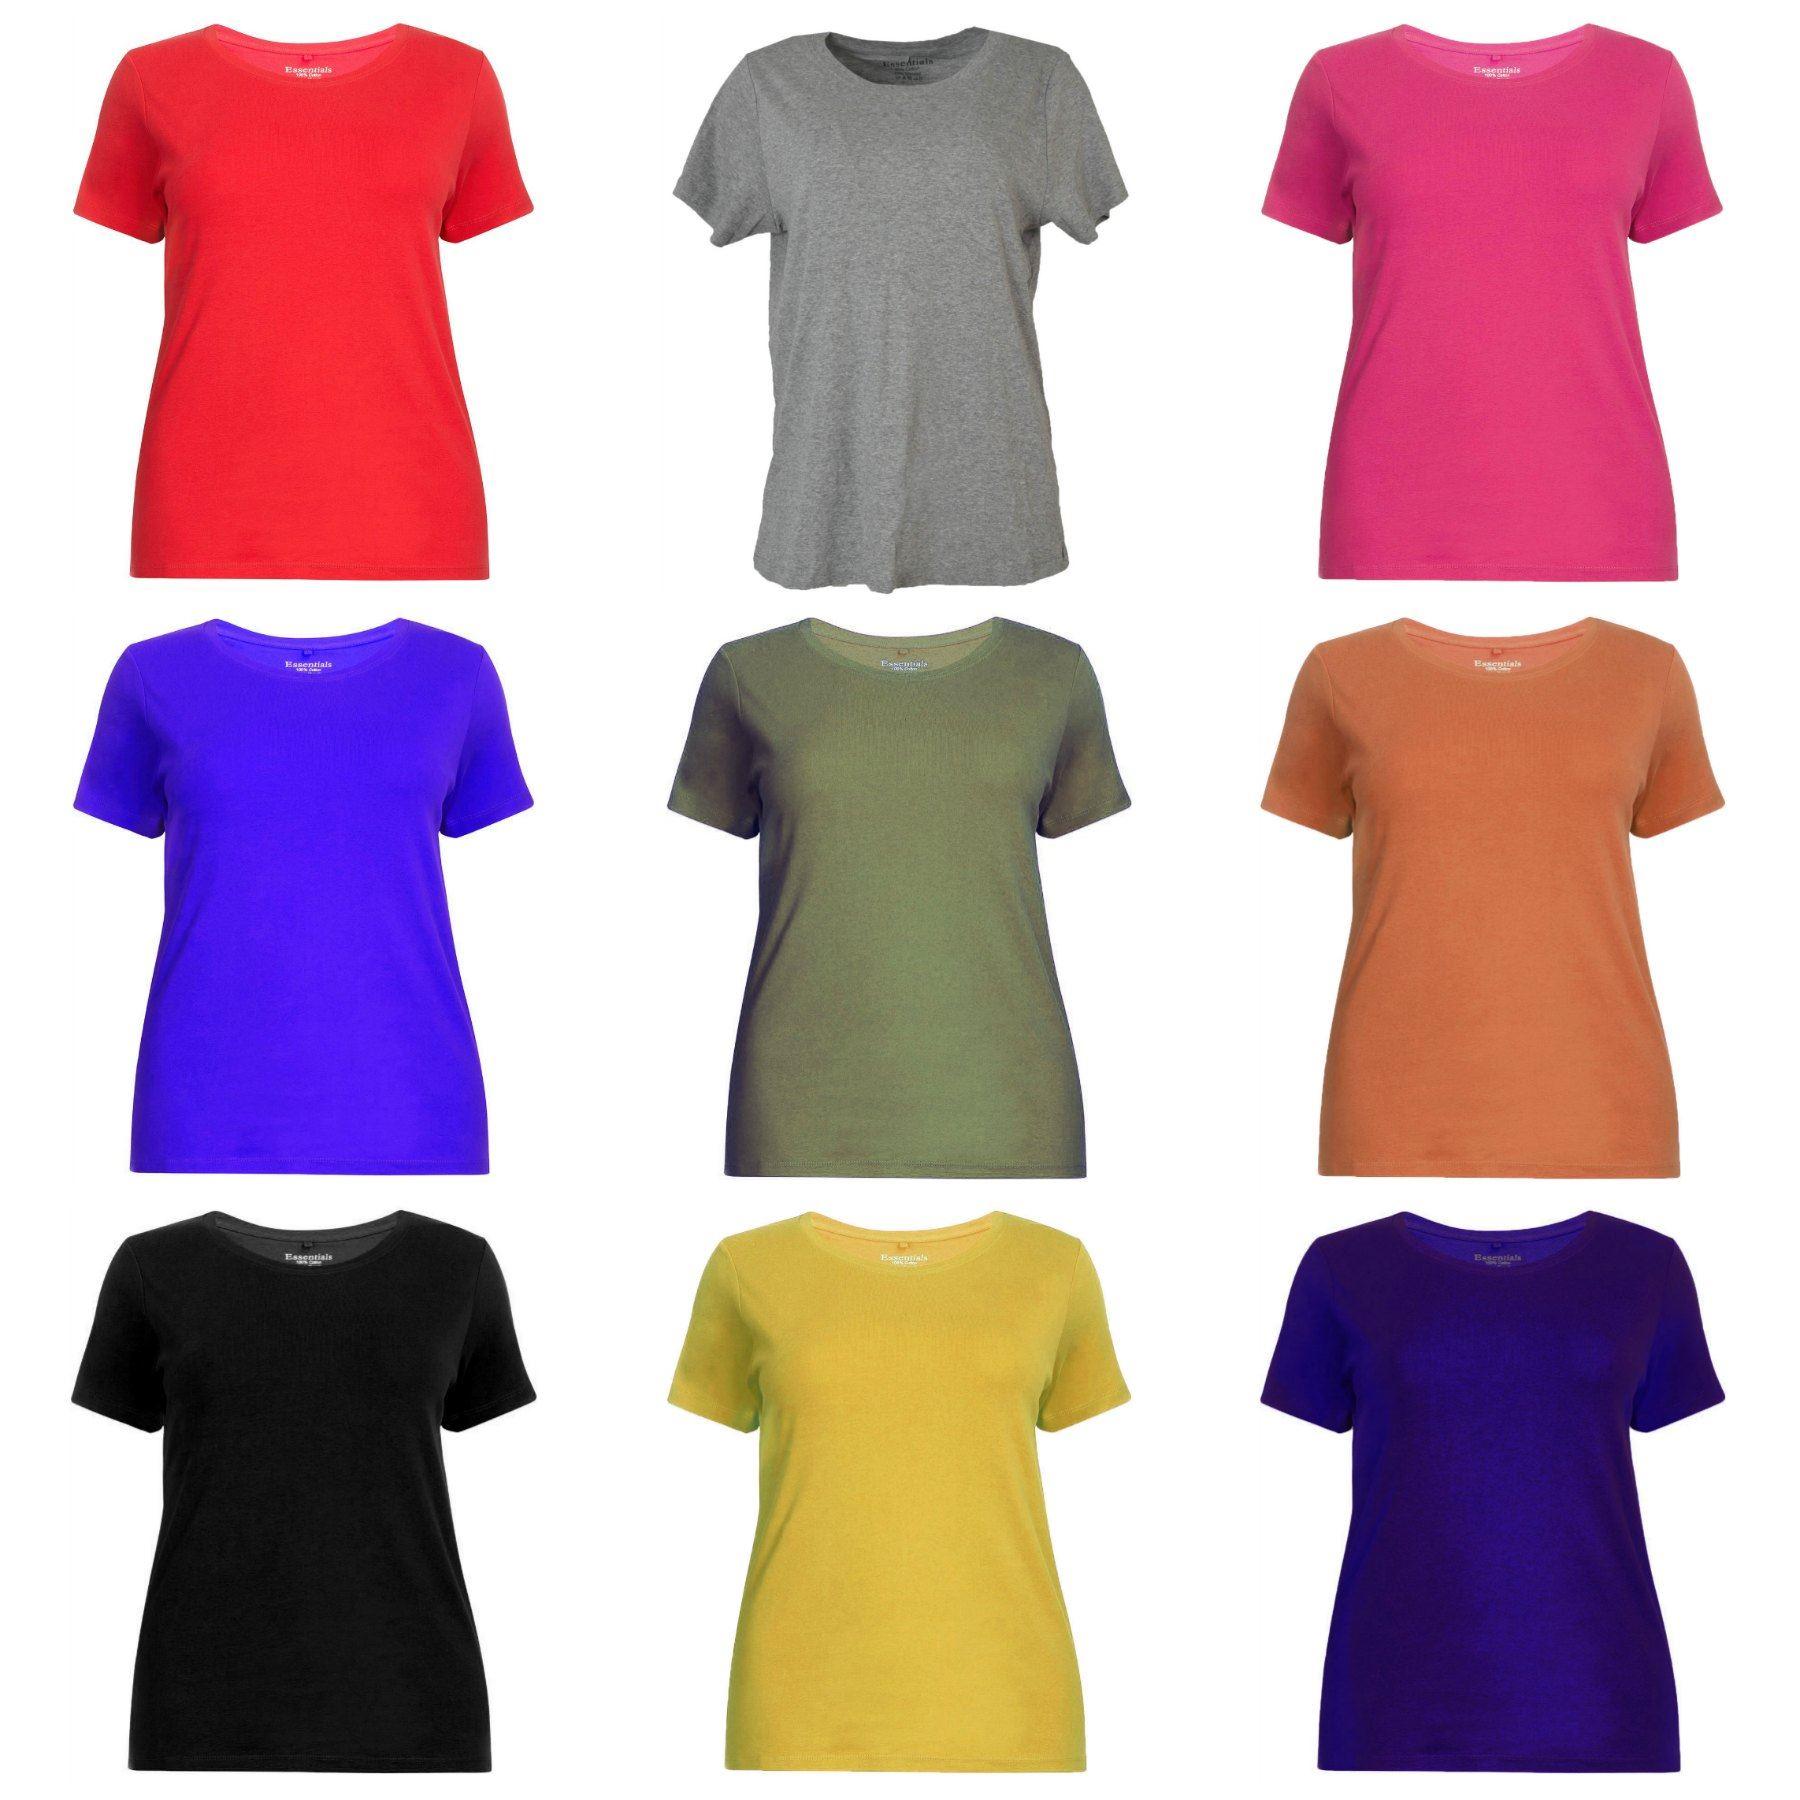 478b63e37 Details about Ex Evans Ladies Cotton Short Sleeve T Shirt Top Womens Plus  Size Tee